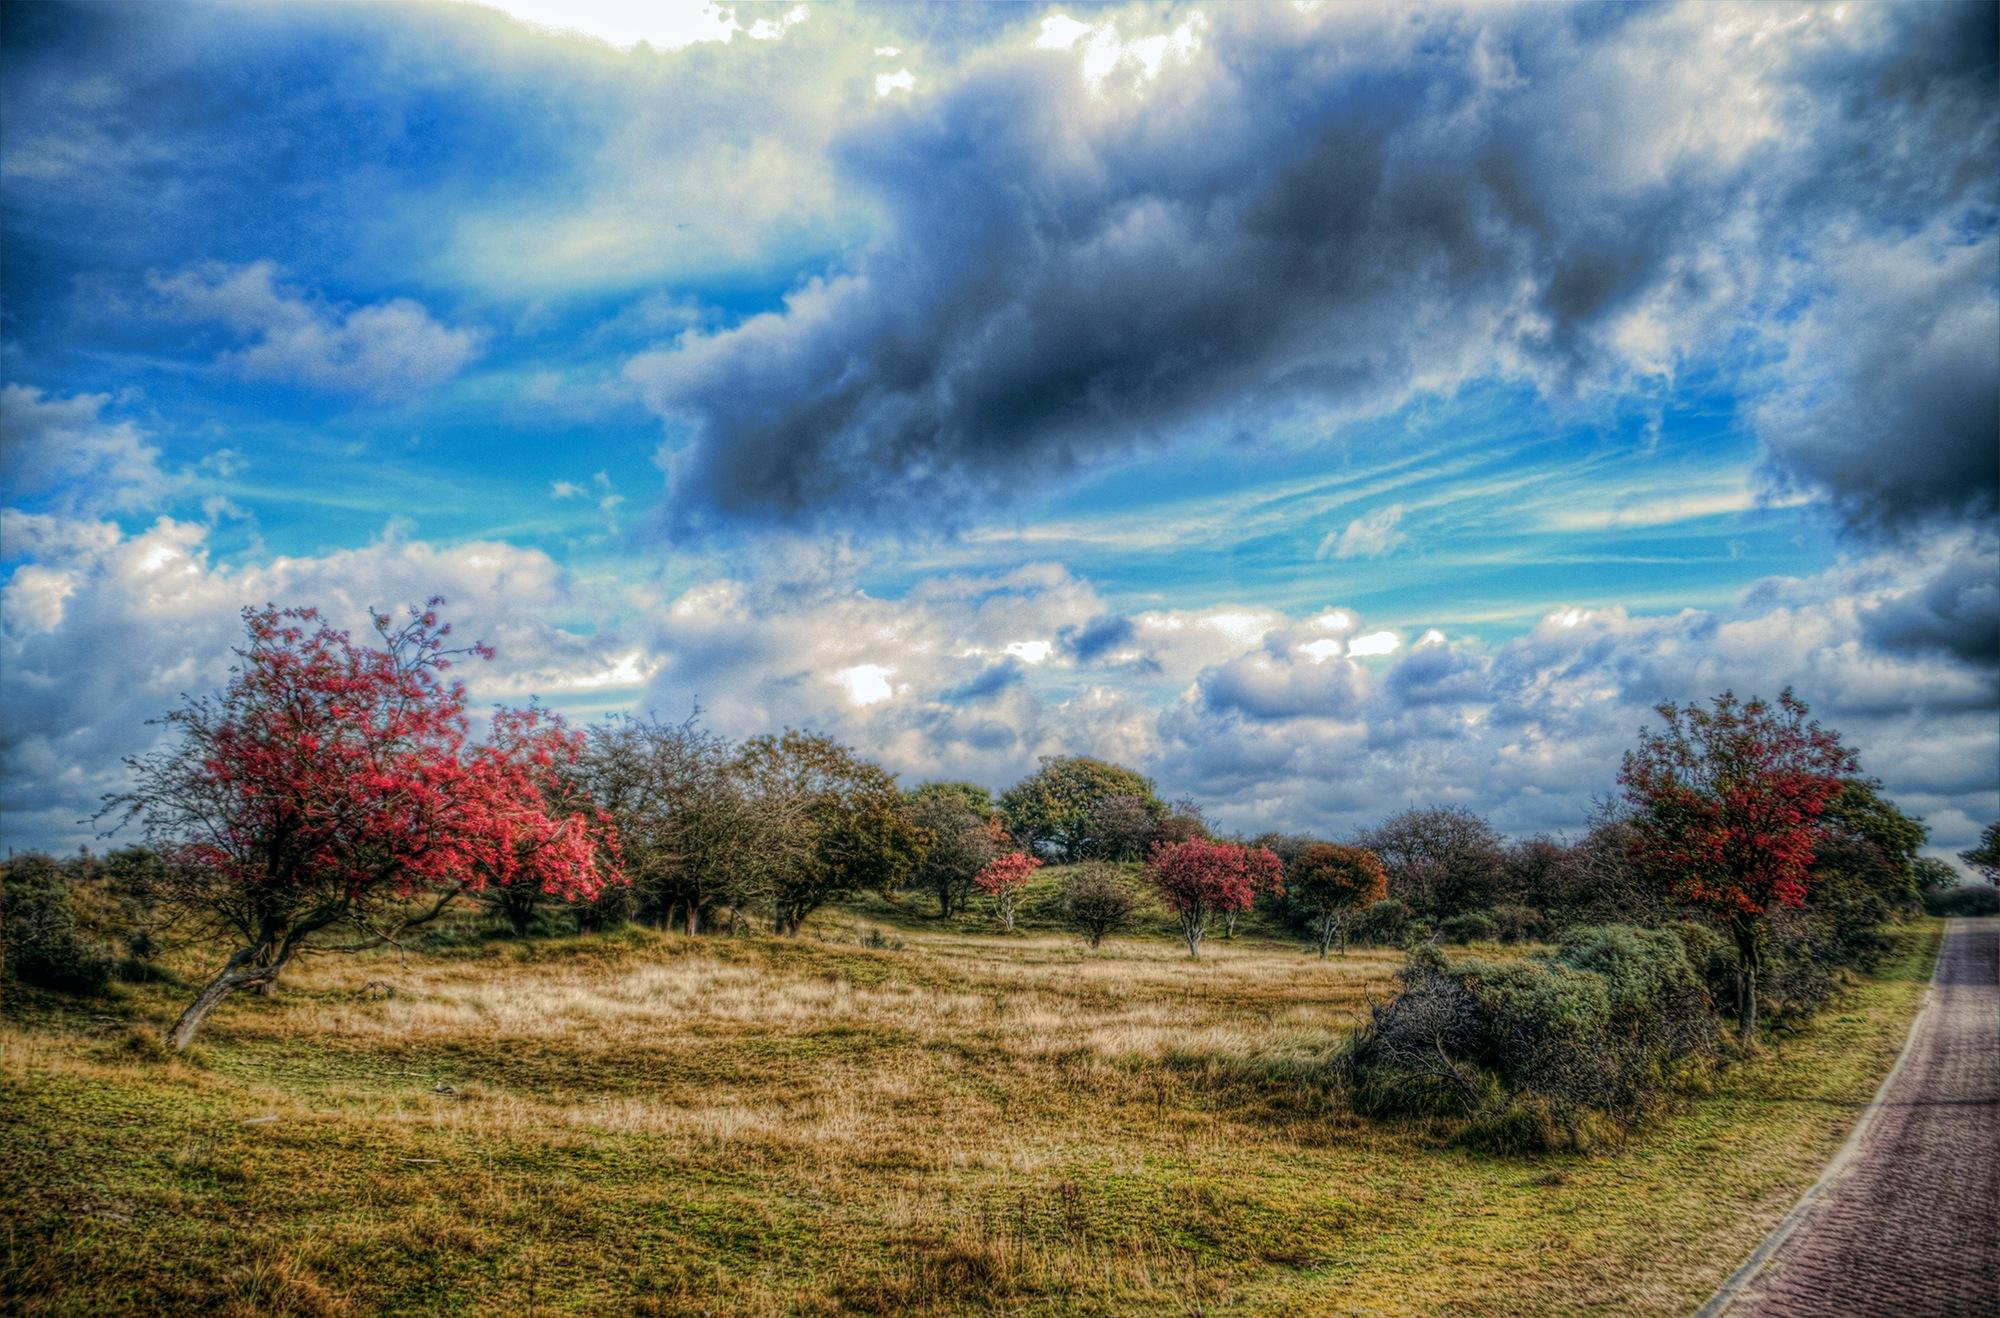 Autumn IX by Watze D. de Haan